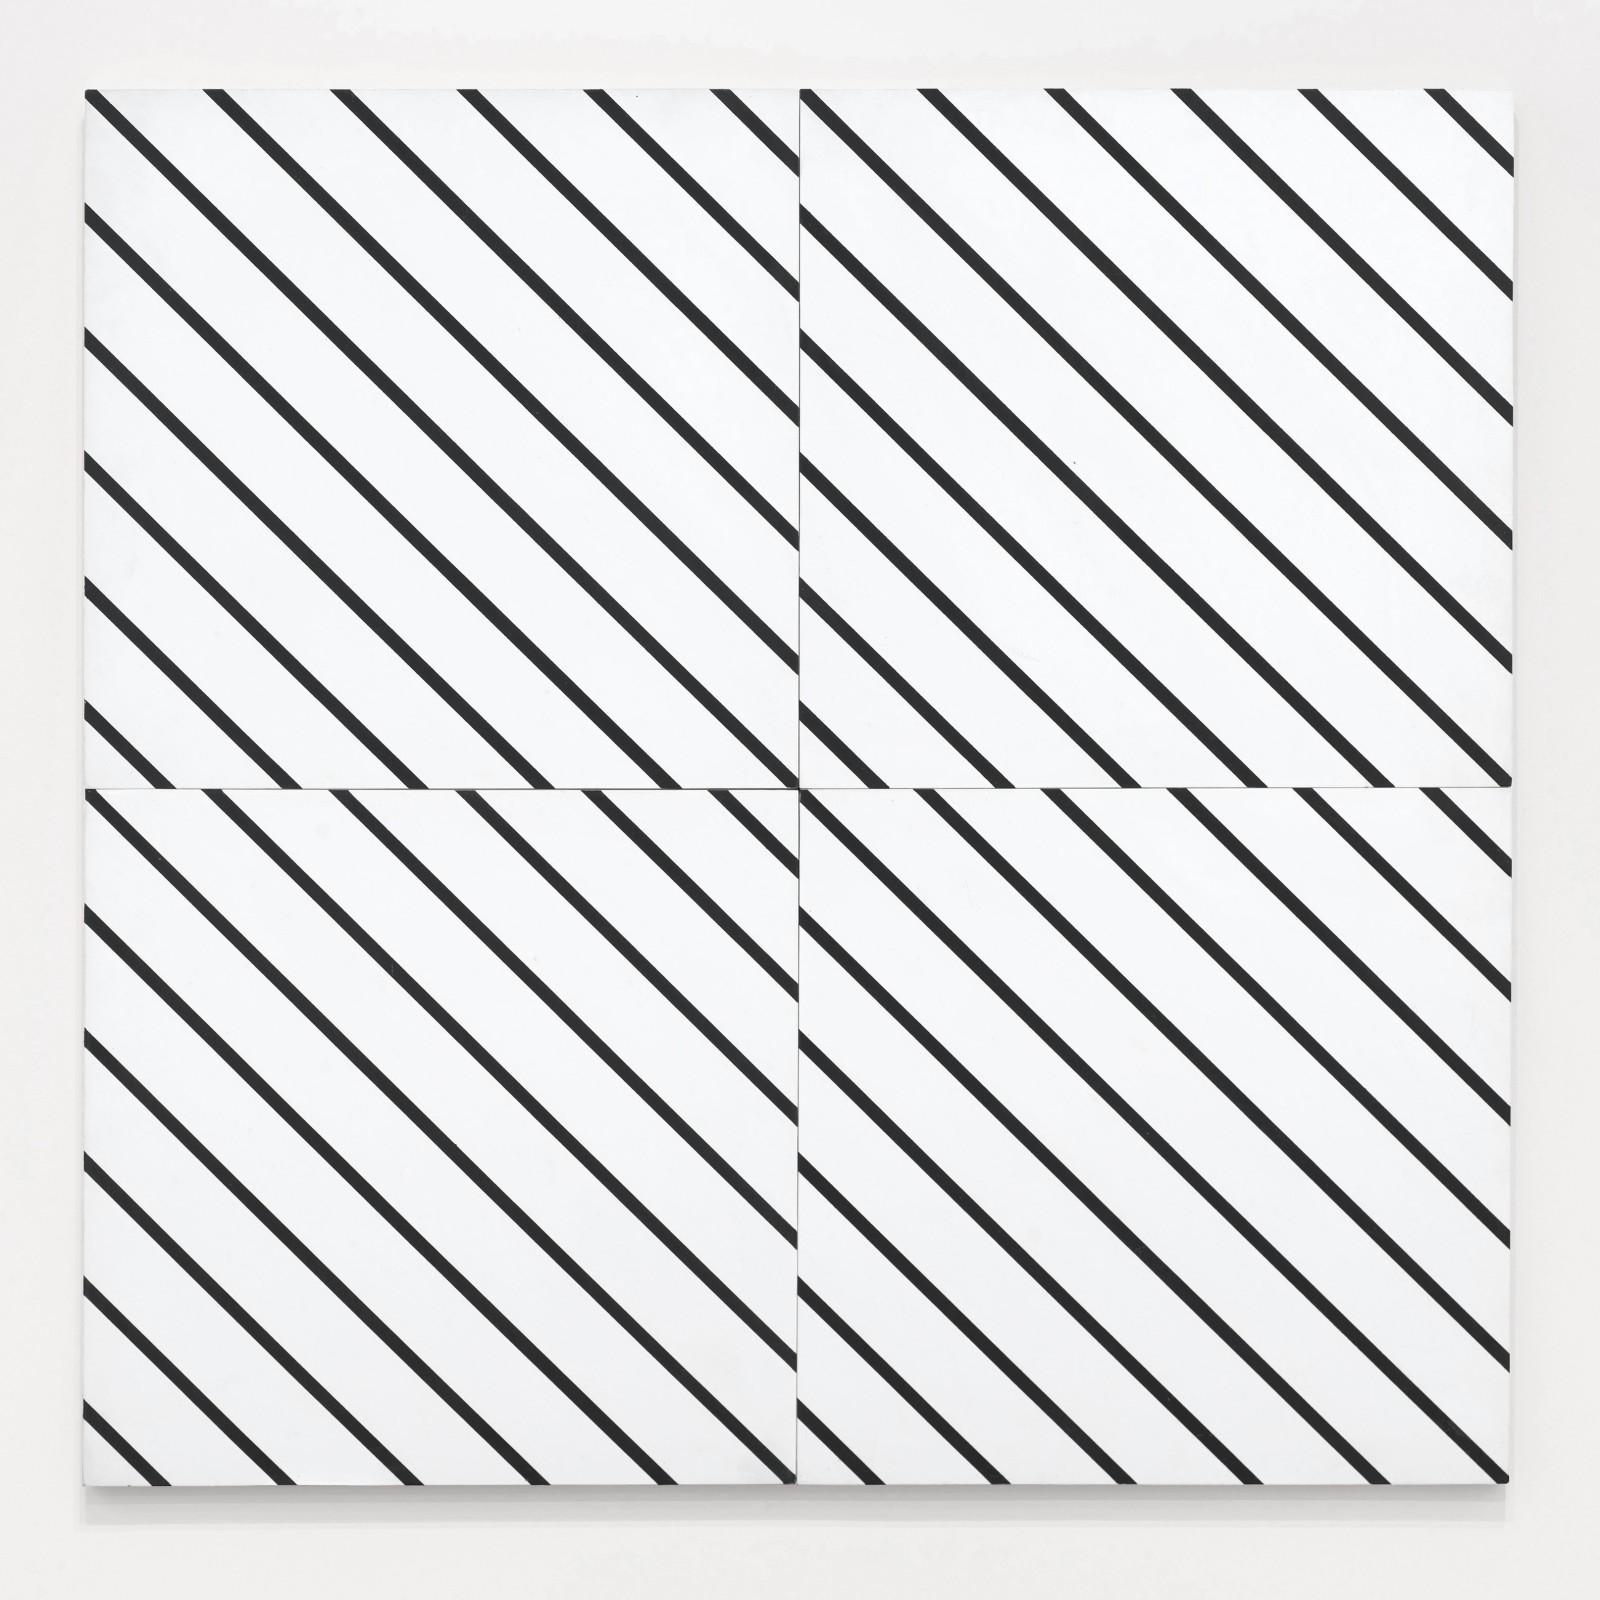 """<span class=""""link fancybox-details-link""""><a href=""""/exhibitions/554/works/artworks_standalone10763/"""">View Detail Page</a></span><div class=""""artist""""><span class=""""artist""""><strong>FRANCOIS MORELLET</strong></span></div><div class=""""title""""><em>1 simple trame 45° coupée, décalée</em>, 1973</div><div class=""""medium"""">Oil on four panels attached as one</div><div class=""""dimensions"""">80 x 80 cm<br />31 ½ x 31 ½ inches</div>"""